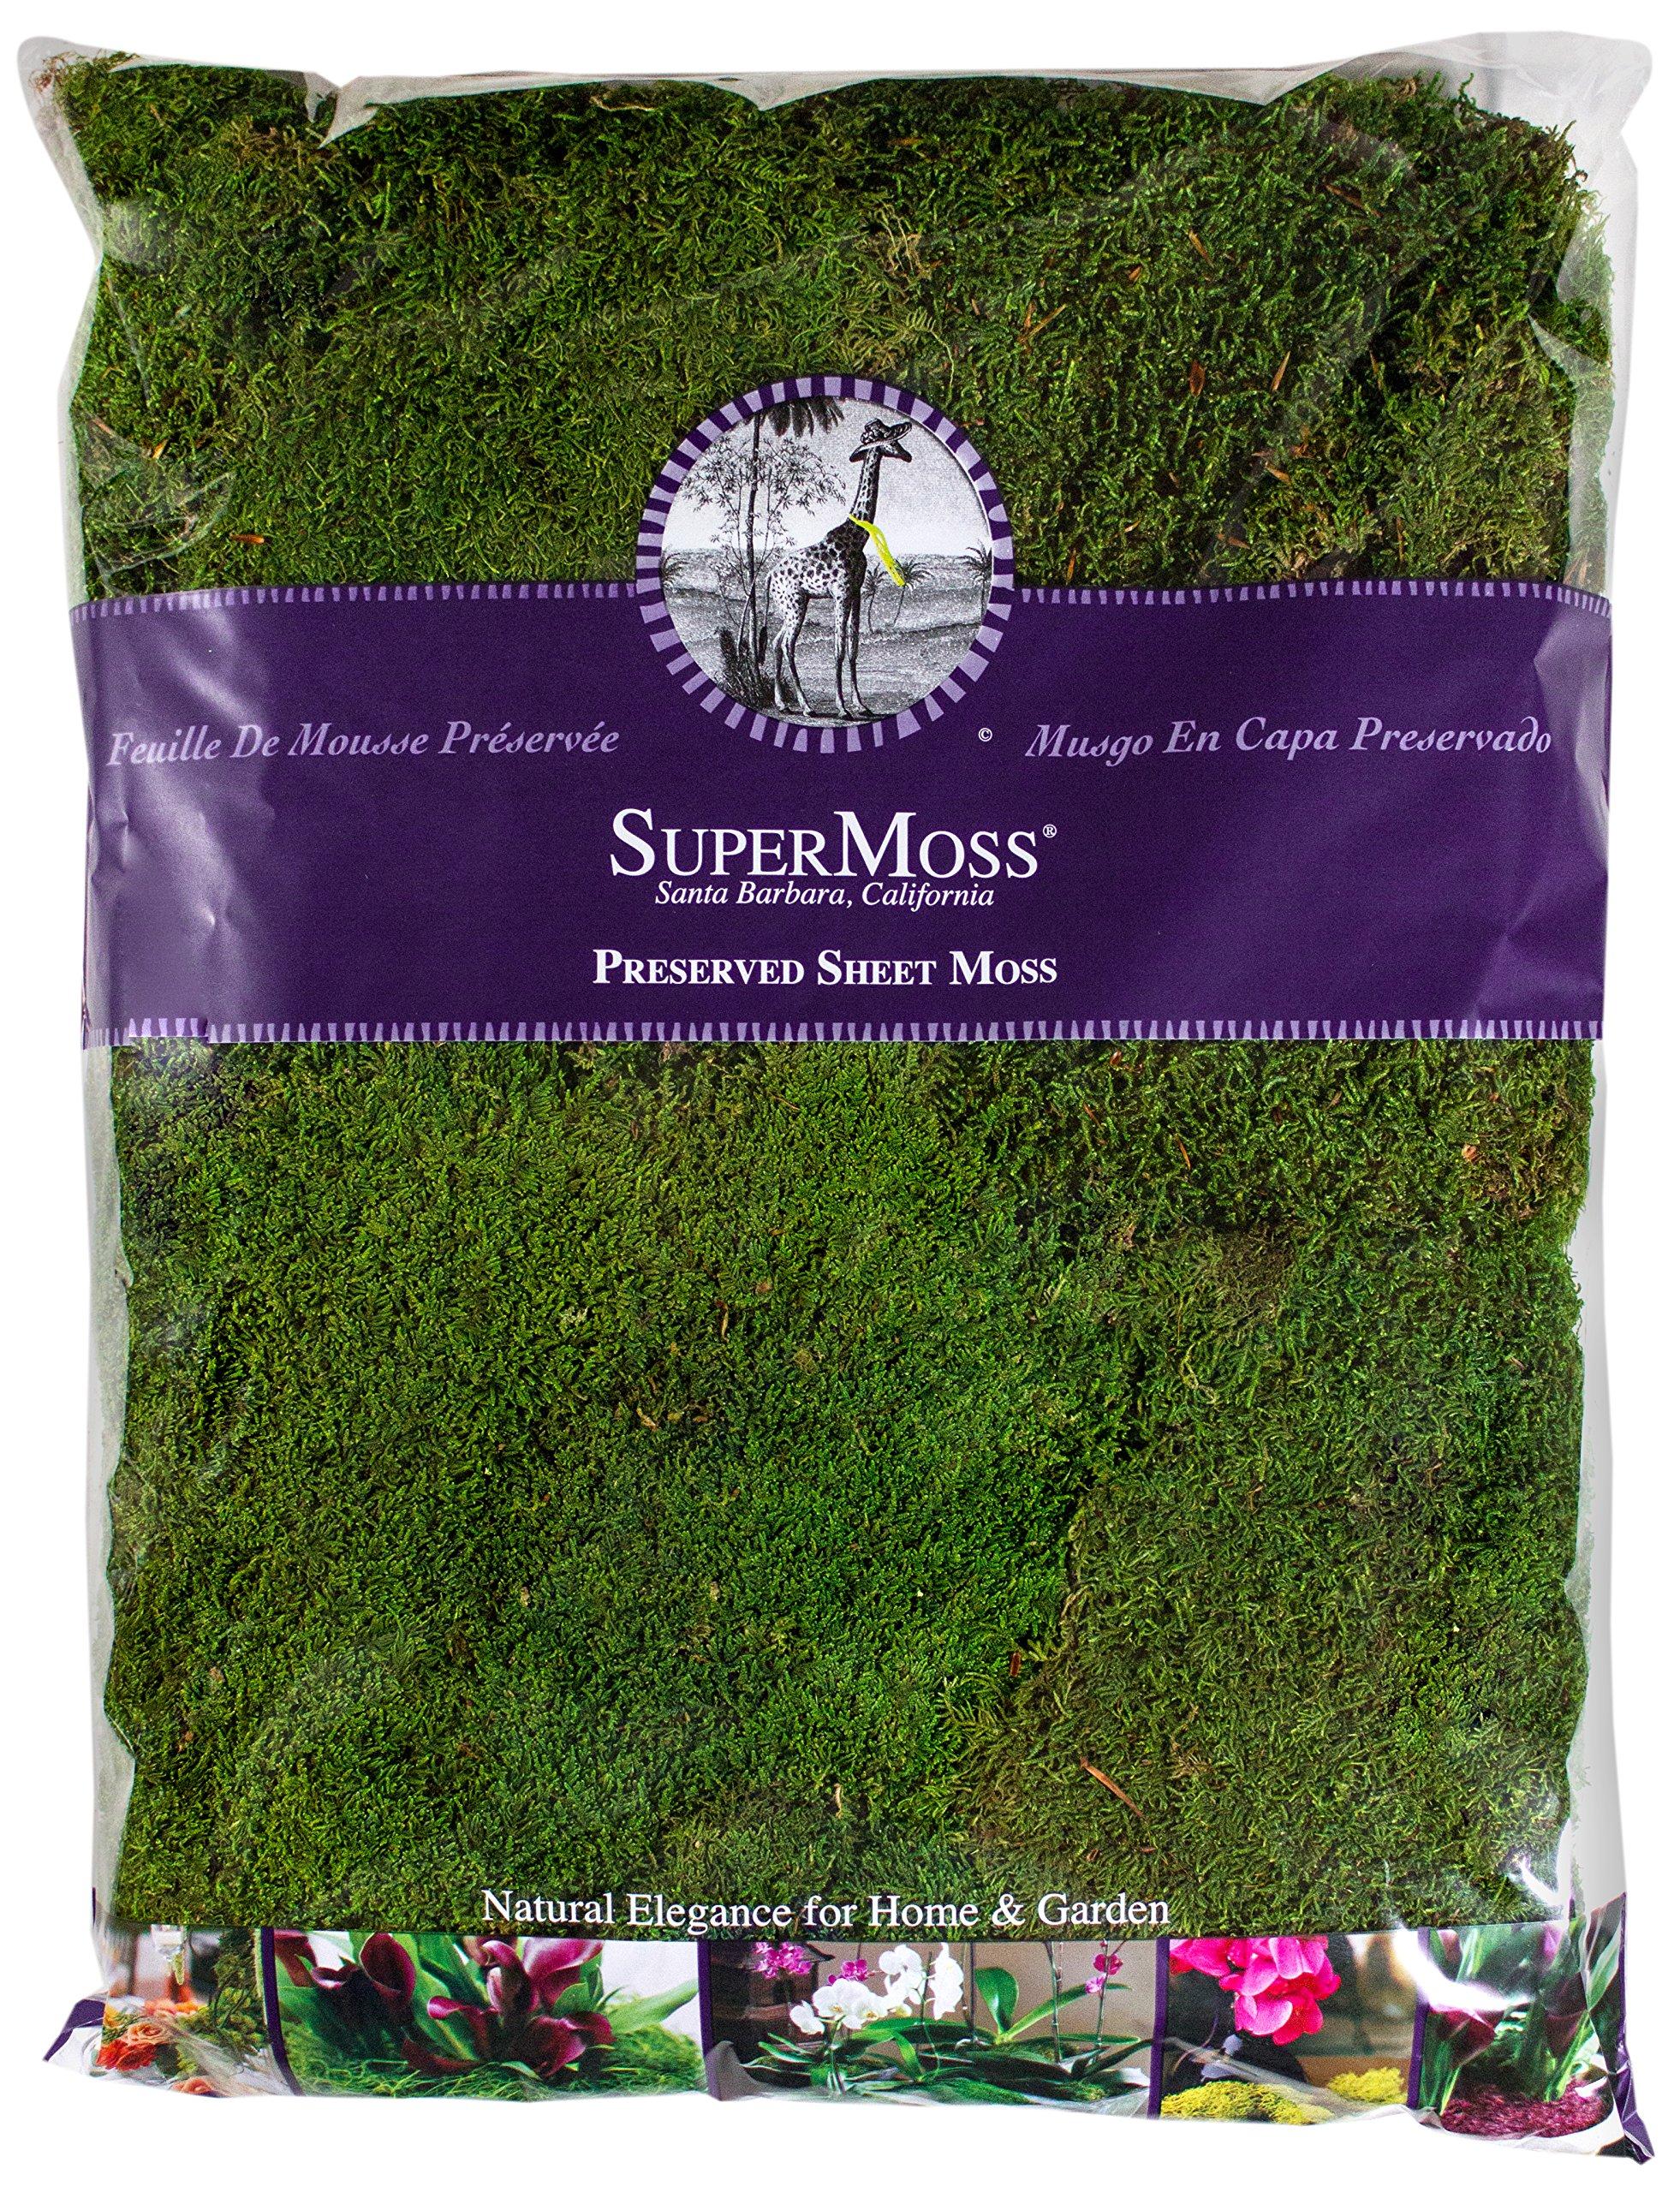 Super Moss 21585 Preserved Sheet Moss, Fresh Green, 32-Ounce by Super Moss (Image #1)